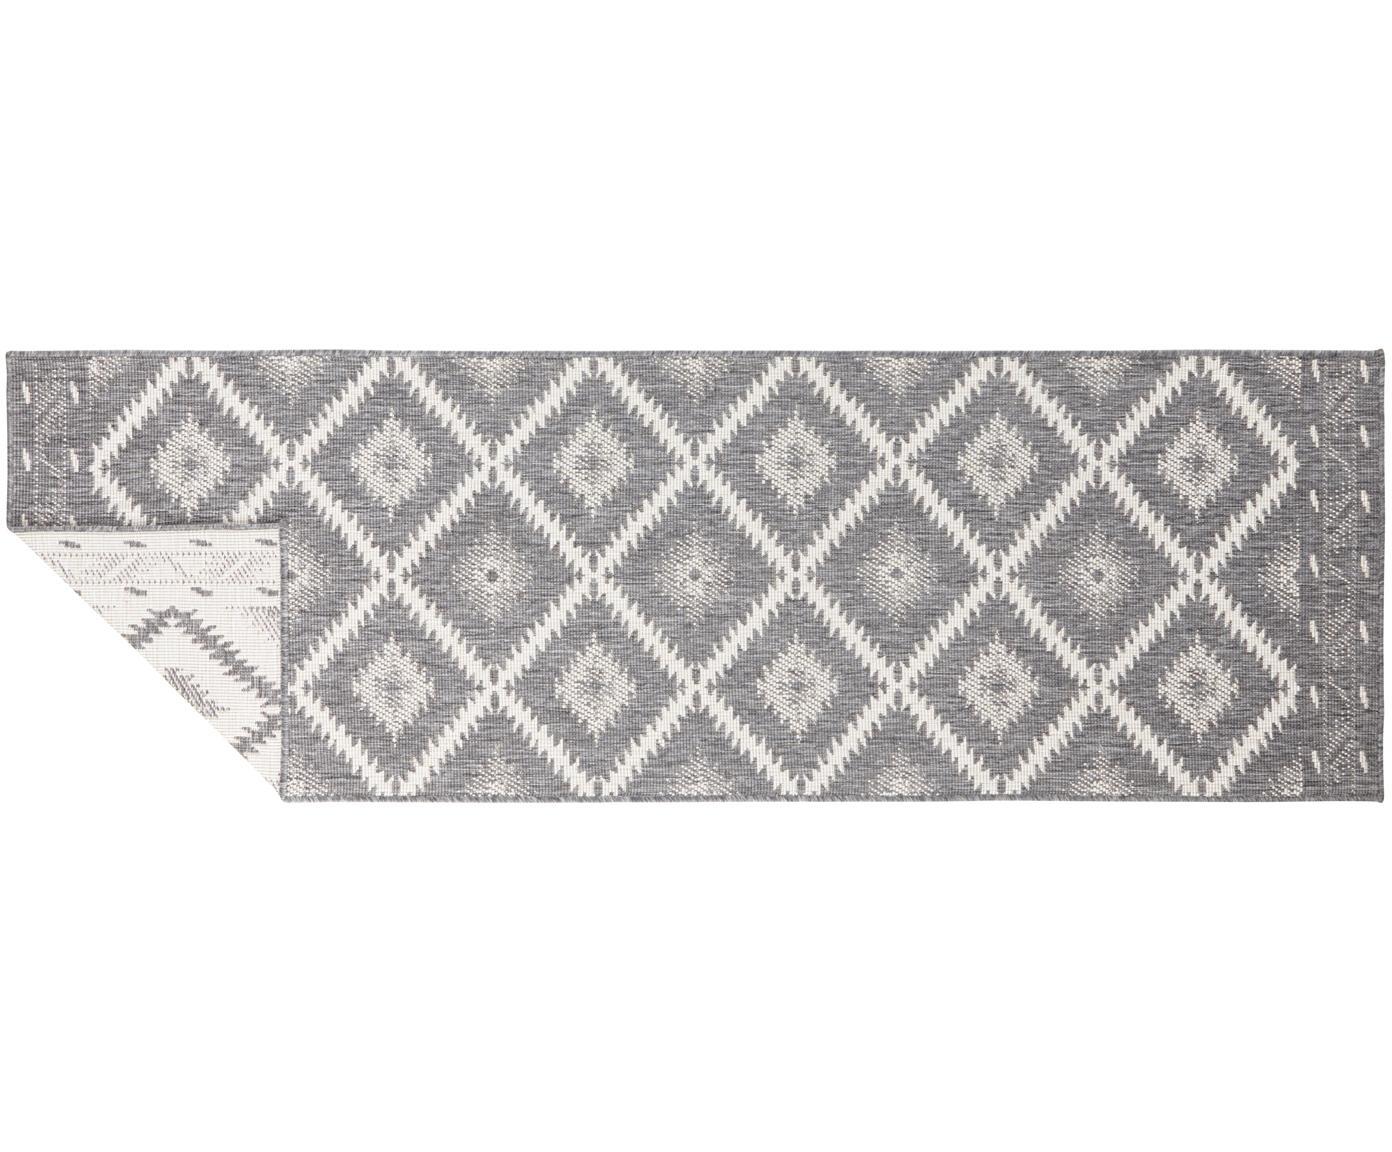 Alfombra reversible de interior y exterior Malibu, Gris, crema, An 80 x L 250 cm